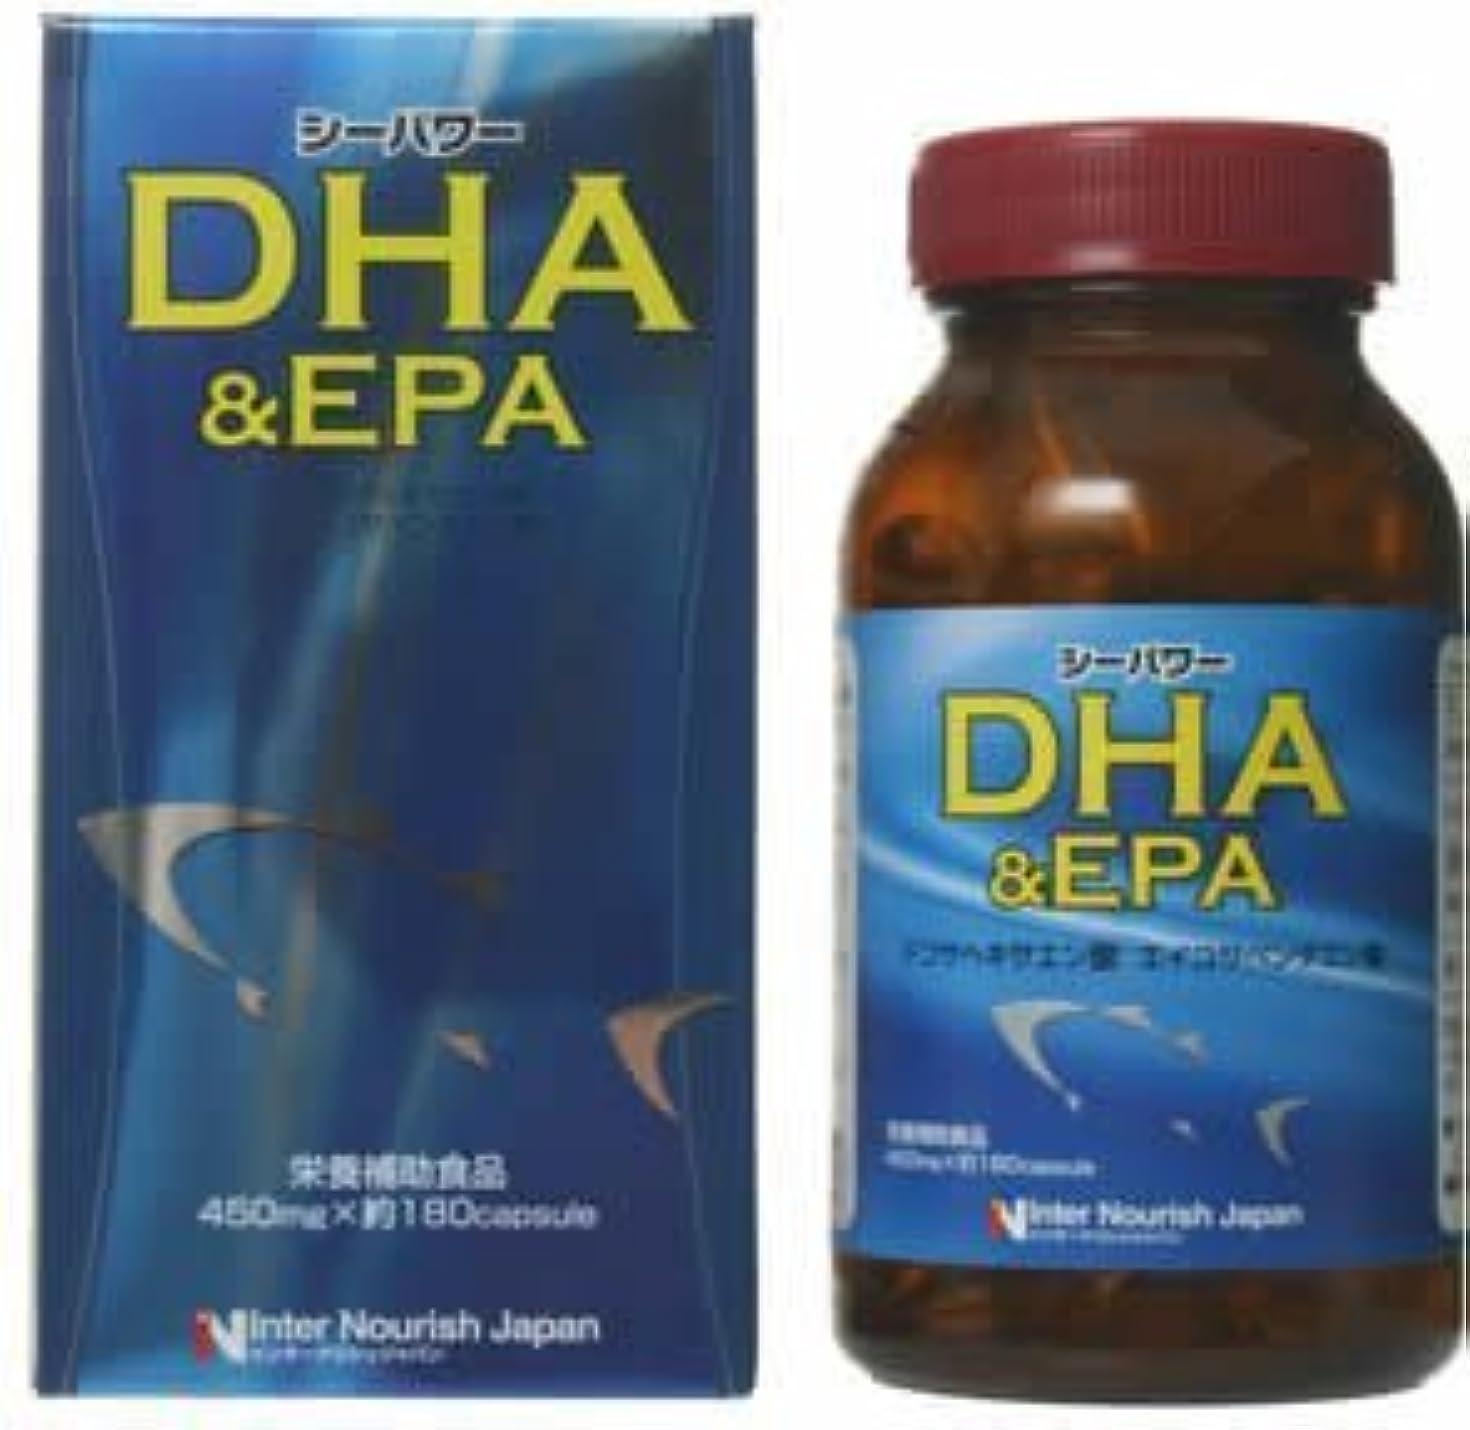 適度に推進、動かす気性シーパワーDHA+EPA 450mg×180粒